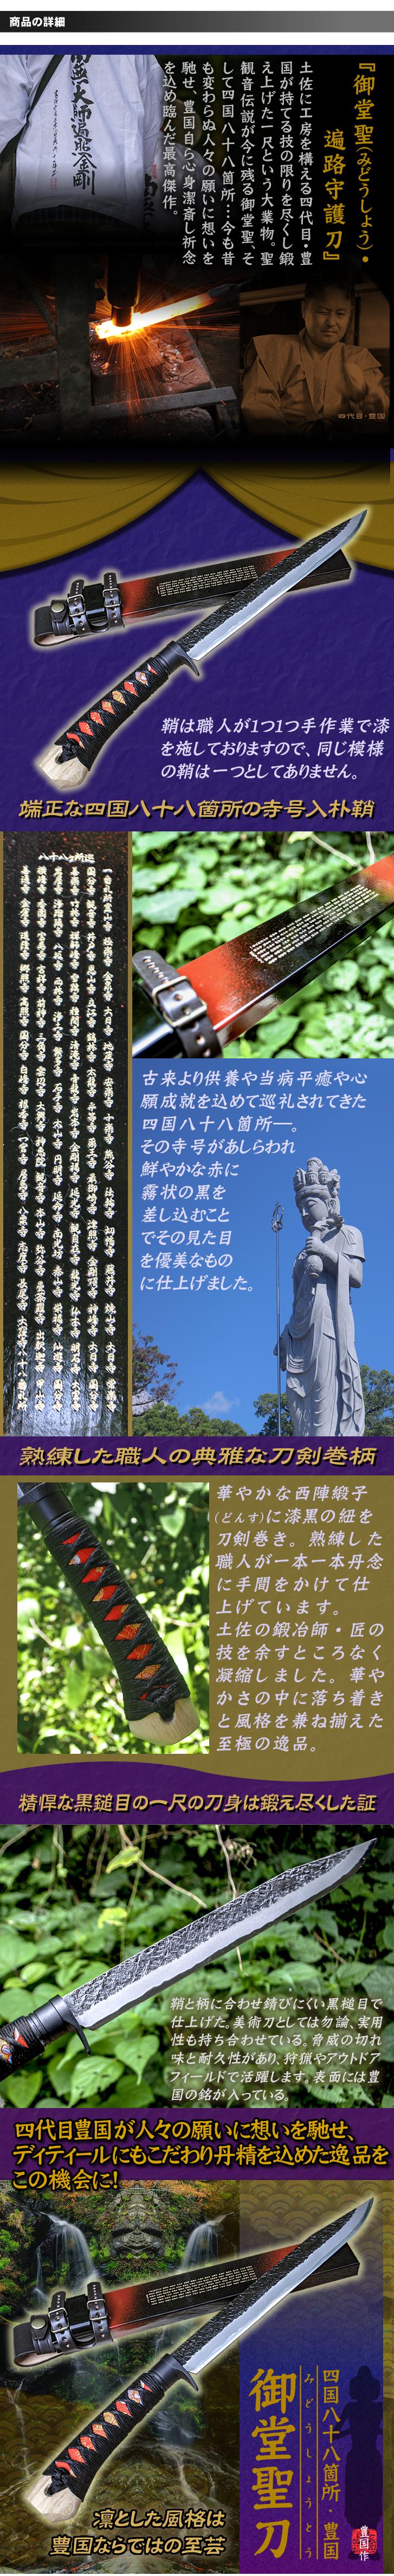 豊国作 御堂聖(みどうしょう)・遍路守護刀 一尺